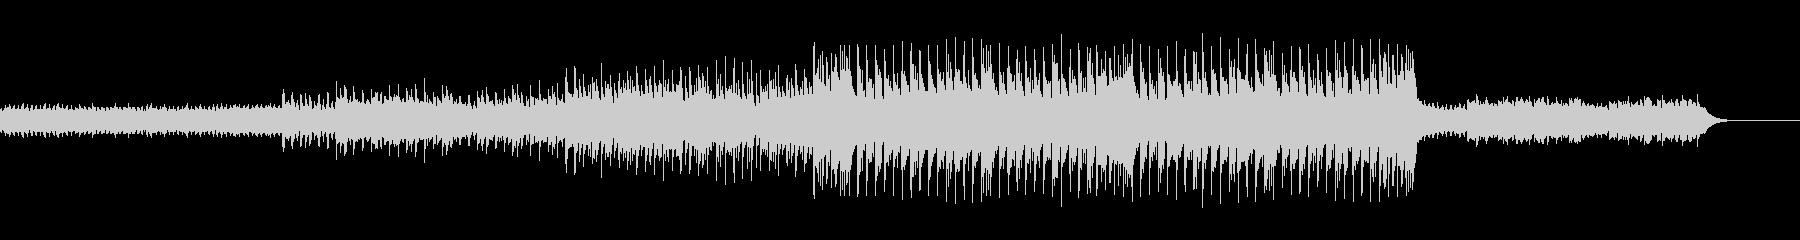 切ないメロディが印象的な楽曲の未再生の波形